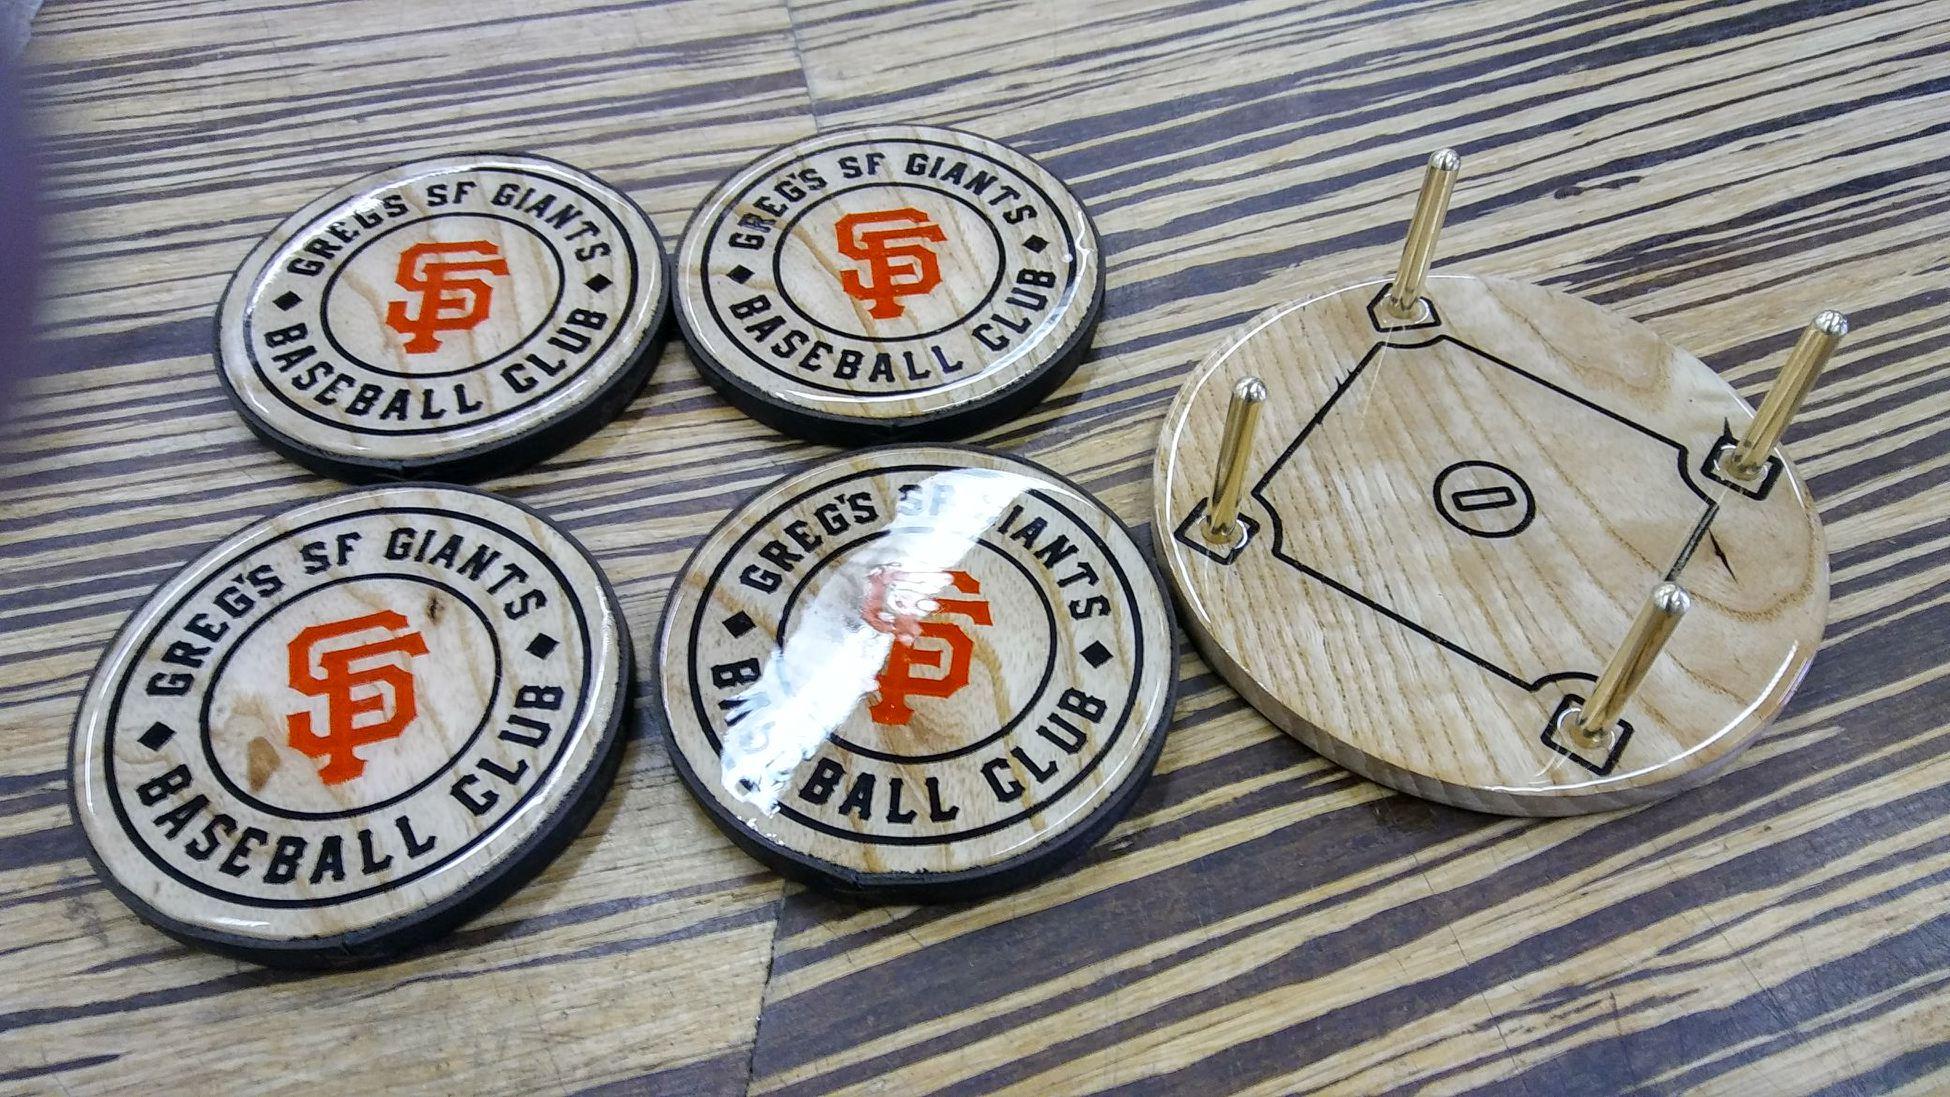 SF Giants coasters